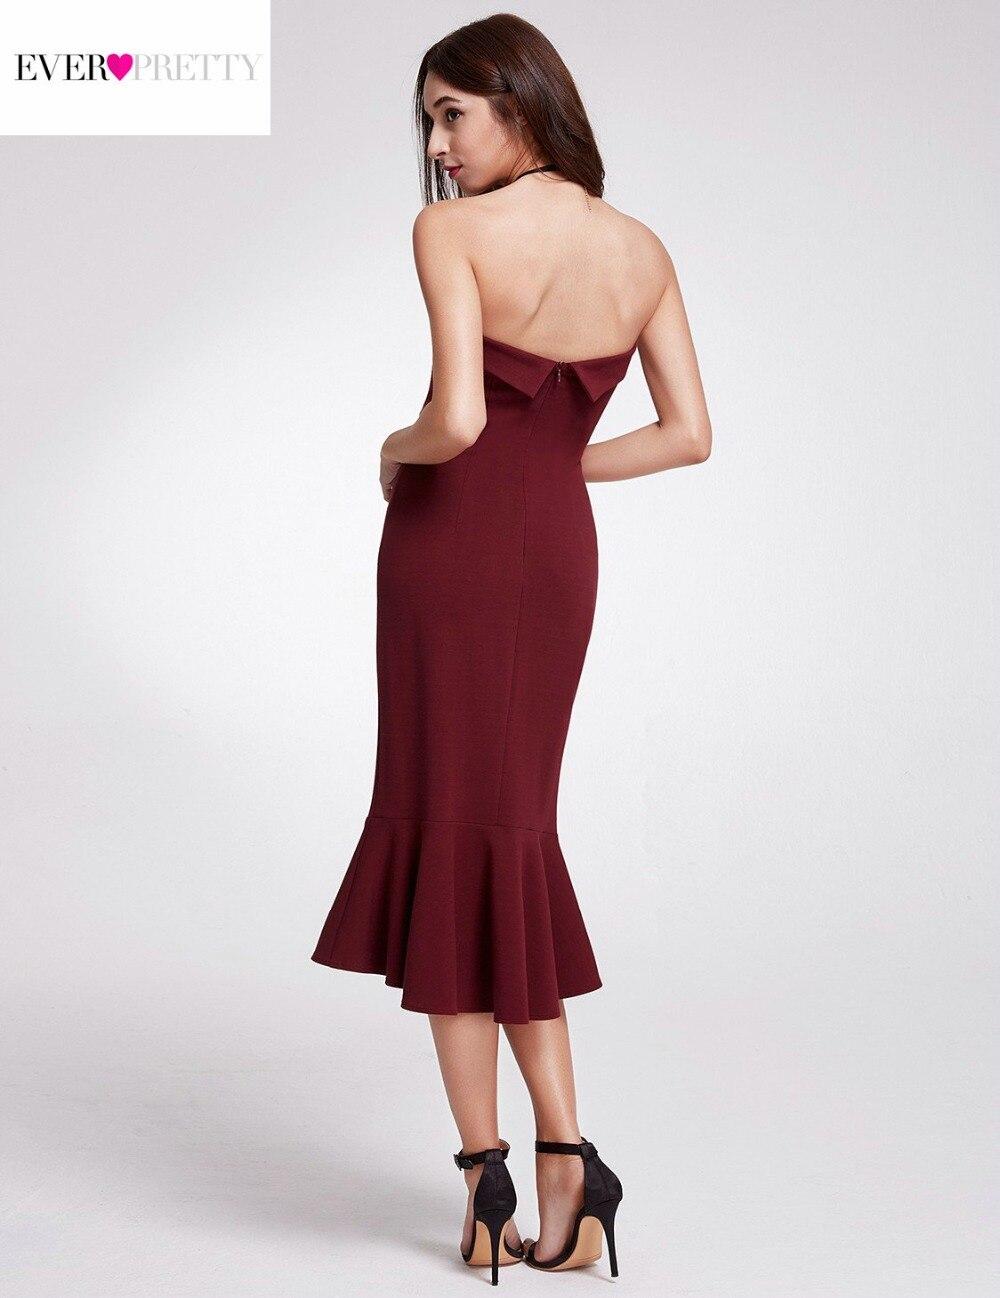 Gorąca sprzedaż burgundowe sukienki koktajlowe 2018 Ever Pretty - Suknie specjalne okazje - Zdjęcie 5